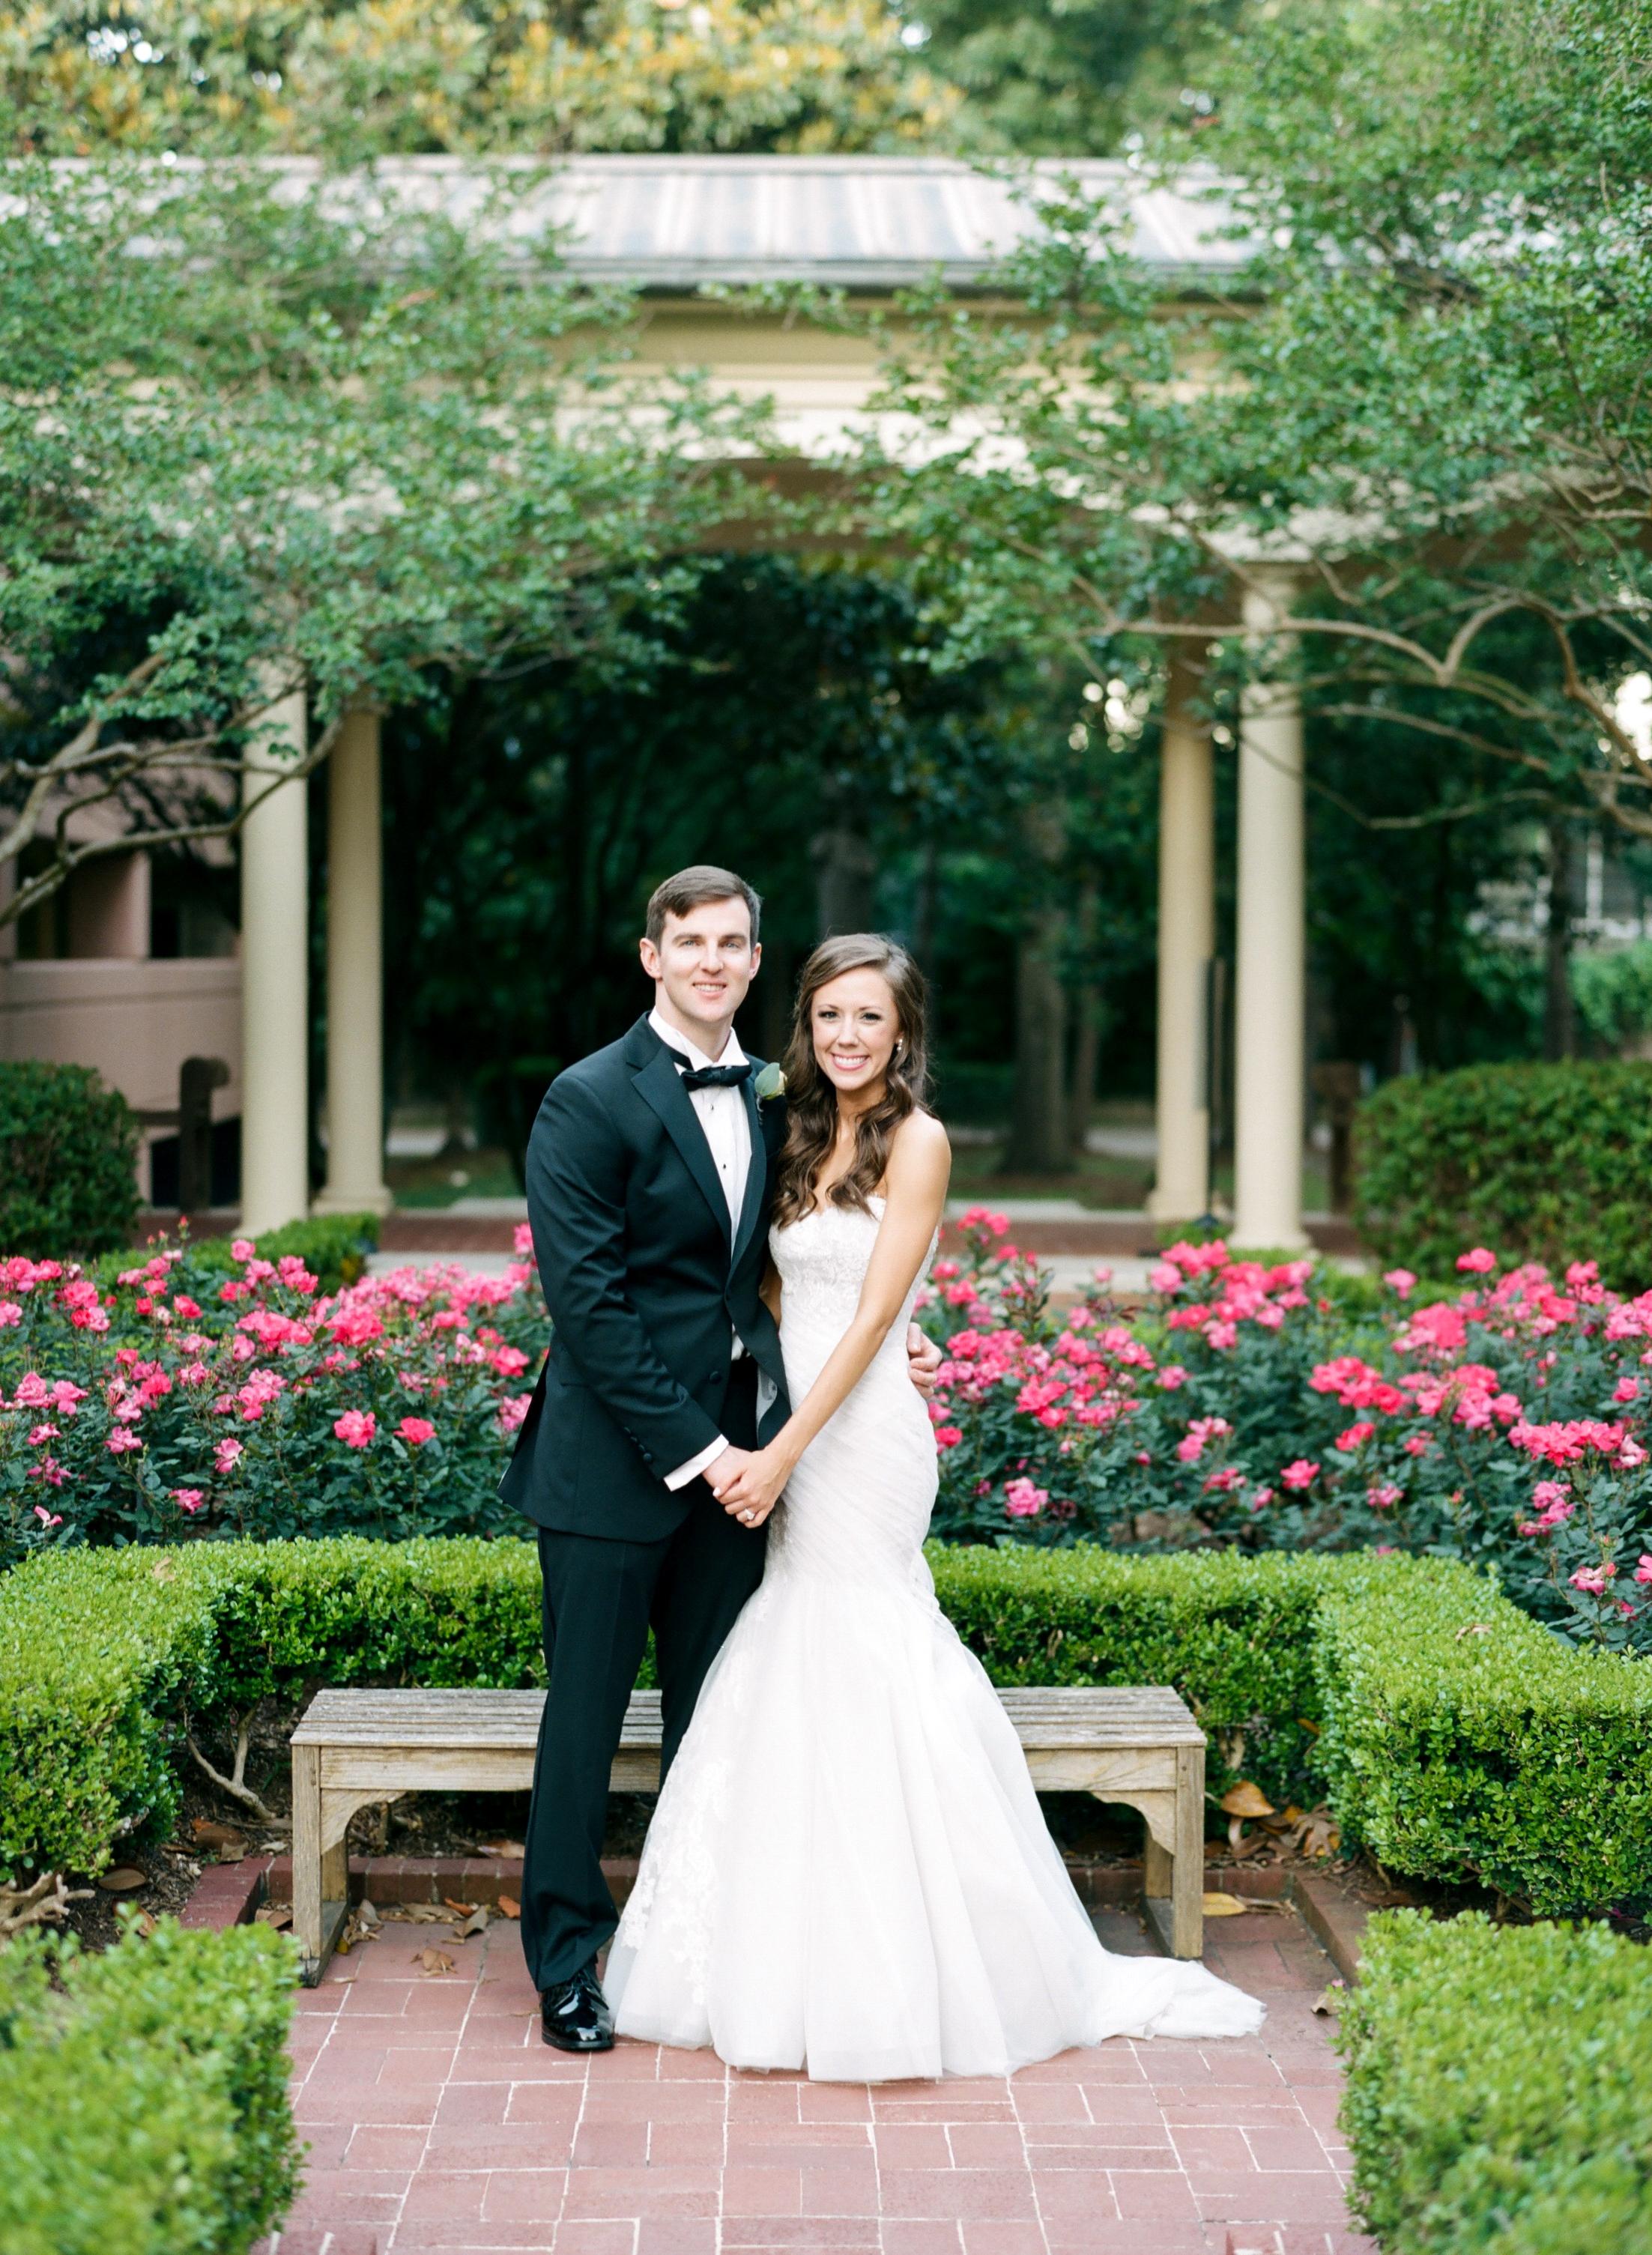 042216_Carolyn and Paul_Formals-159.jpg